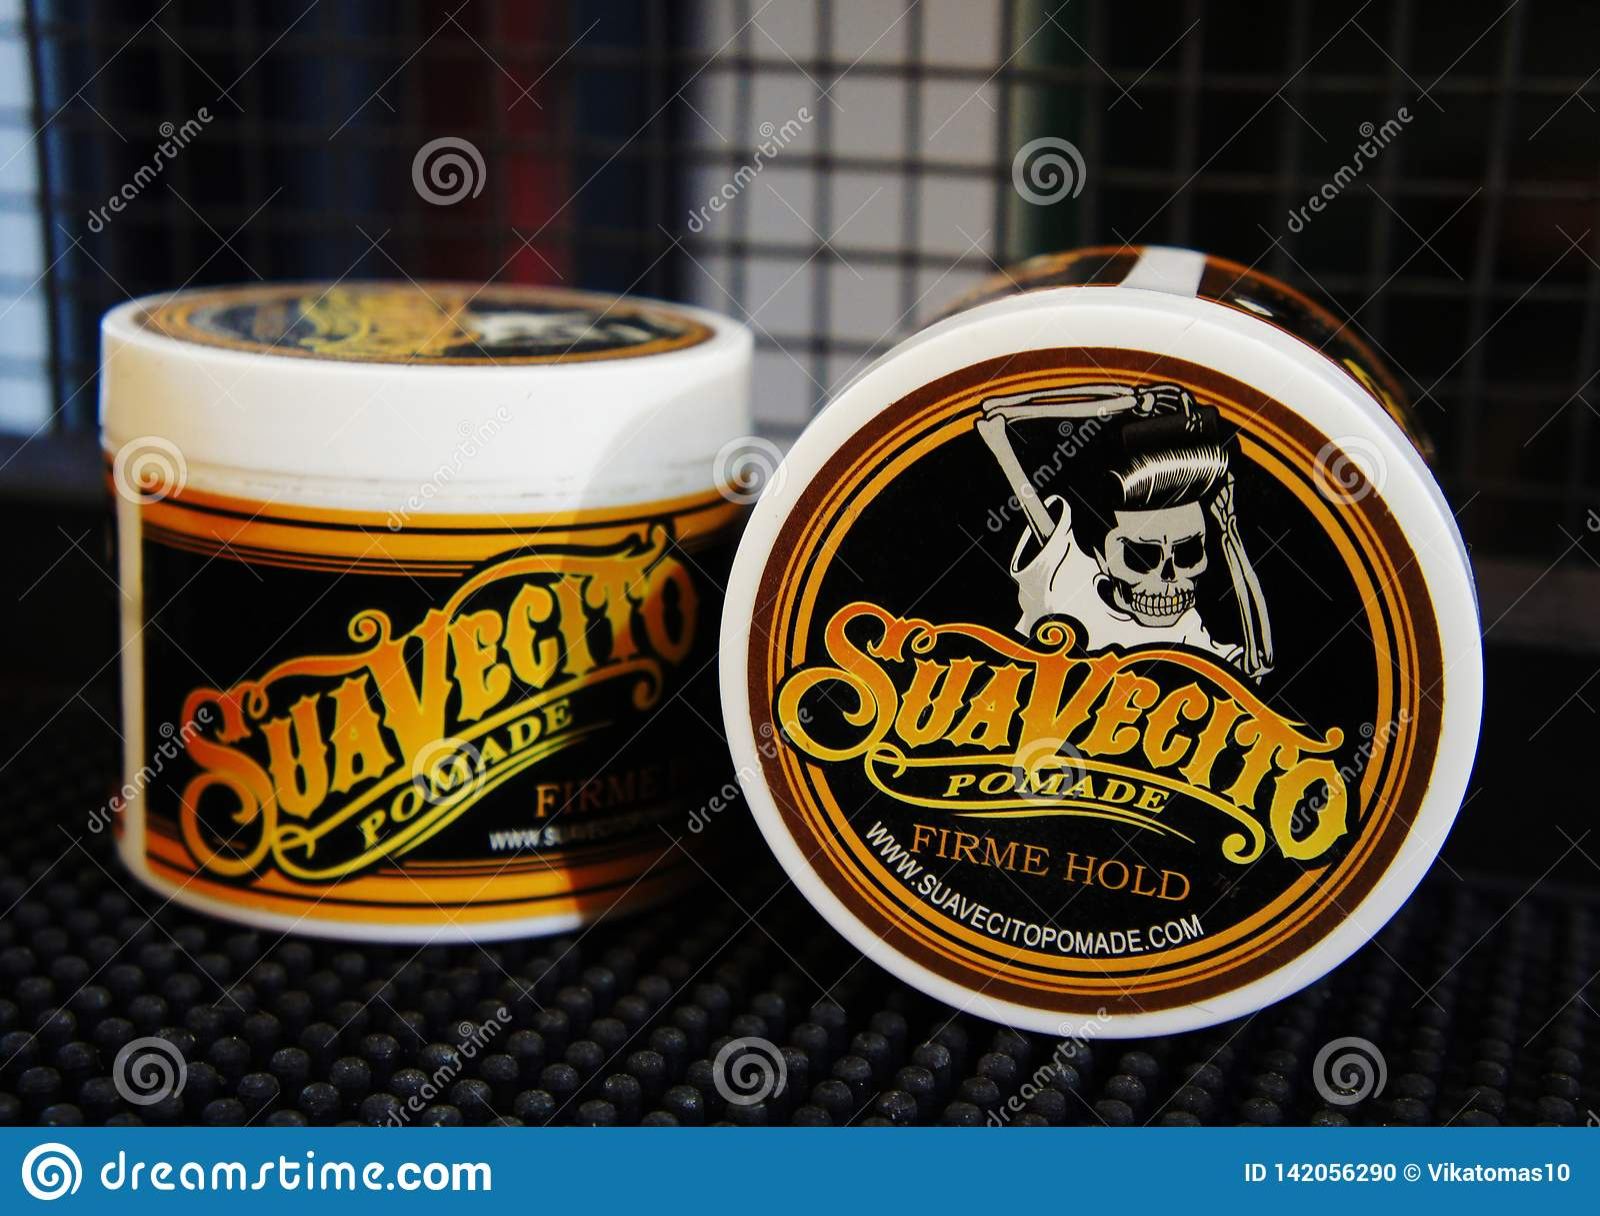 Гель для мужского дизайна - SuaVecito Владение firme pomade SuaVecito сильное ультрамодный дизайн парикмахерскаи